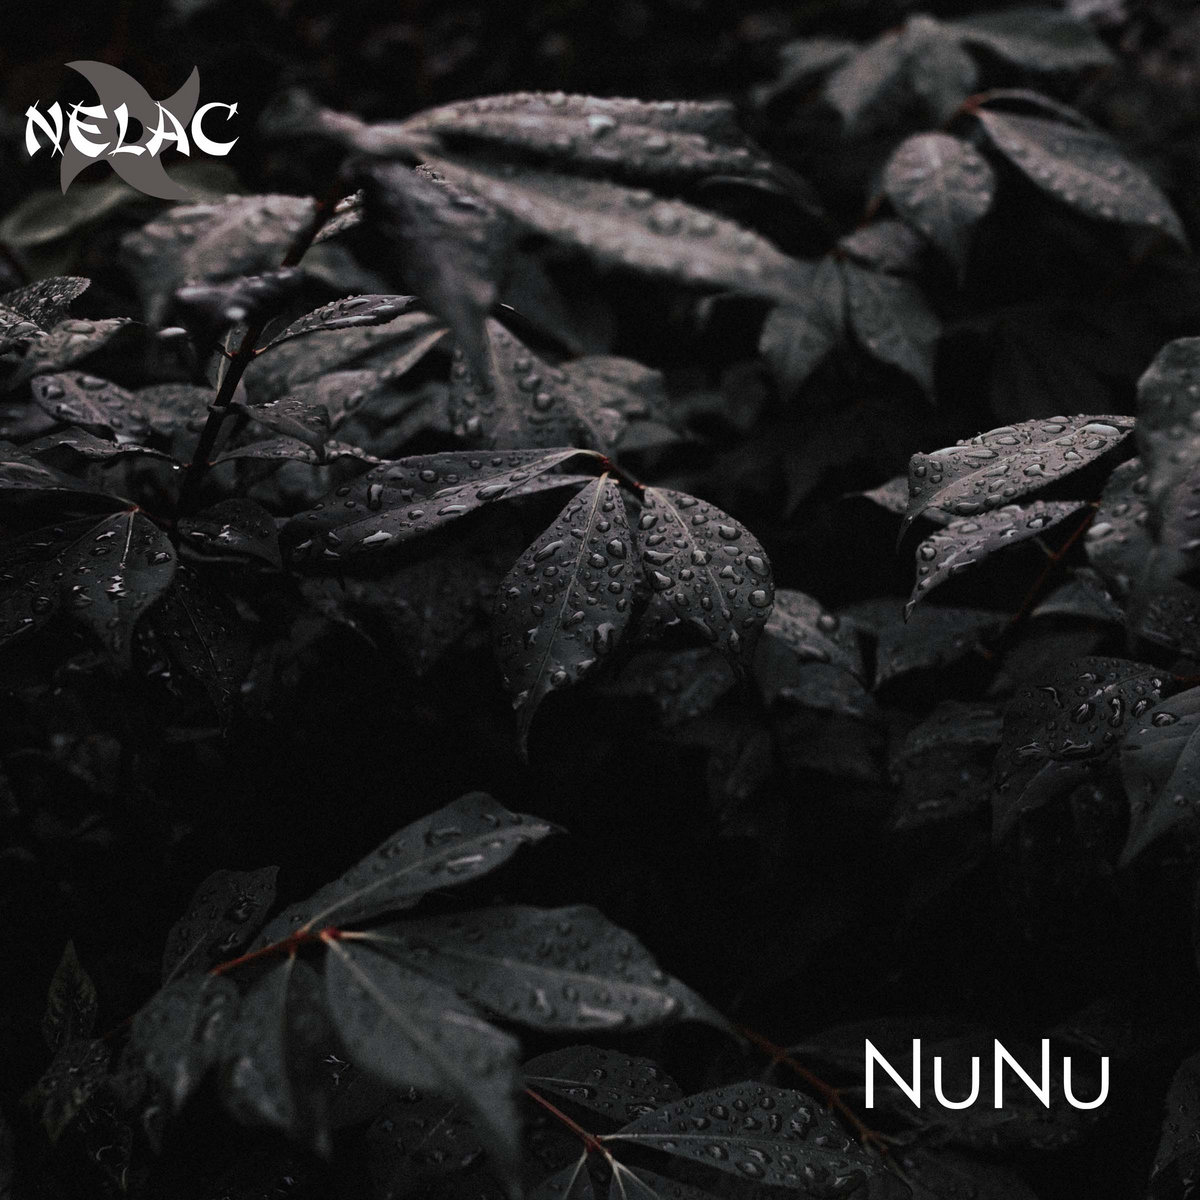 NuNu by NELAC